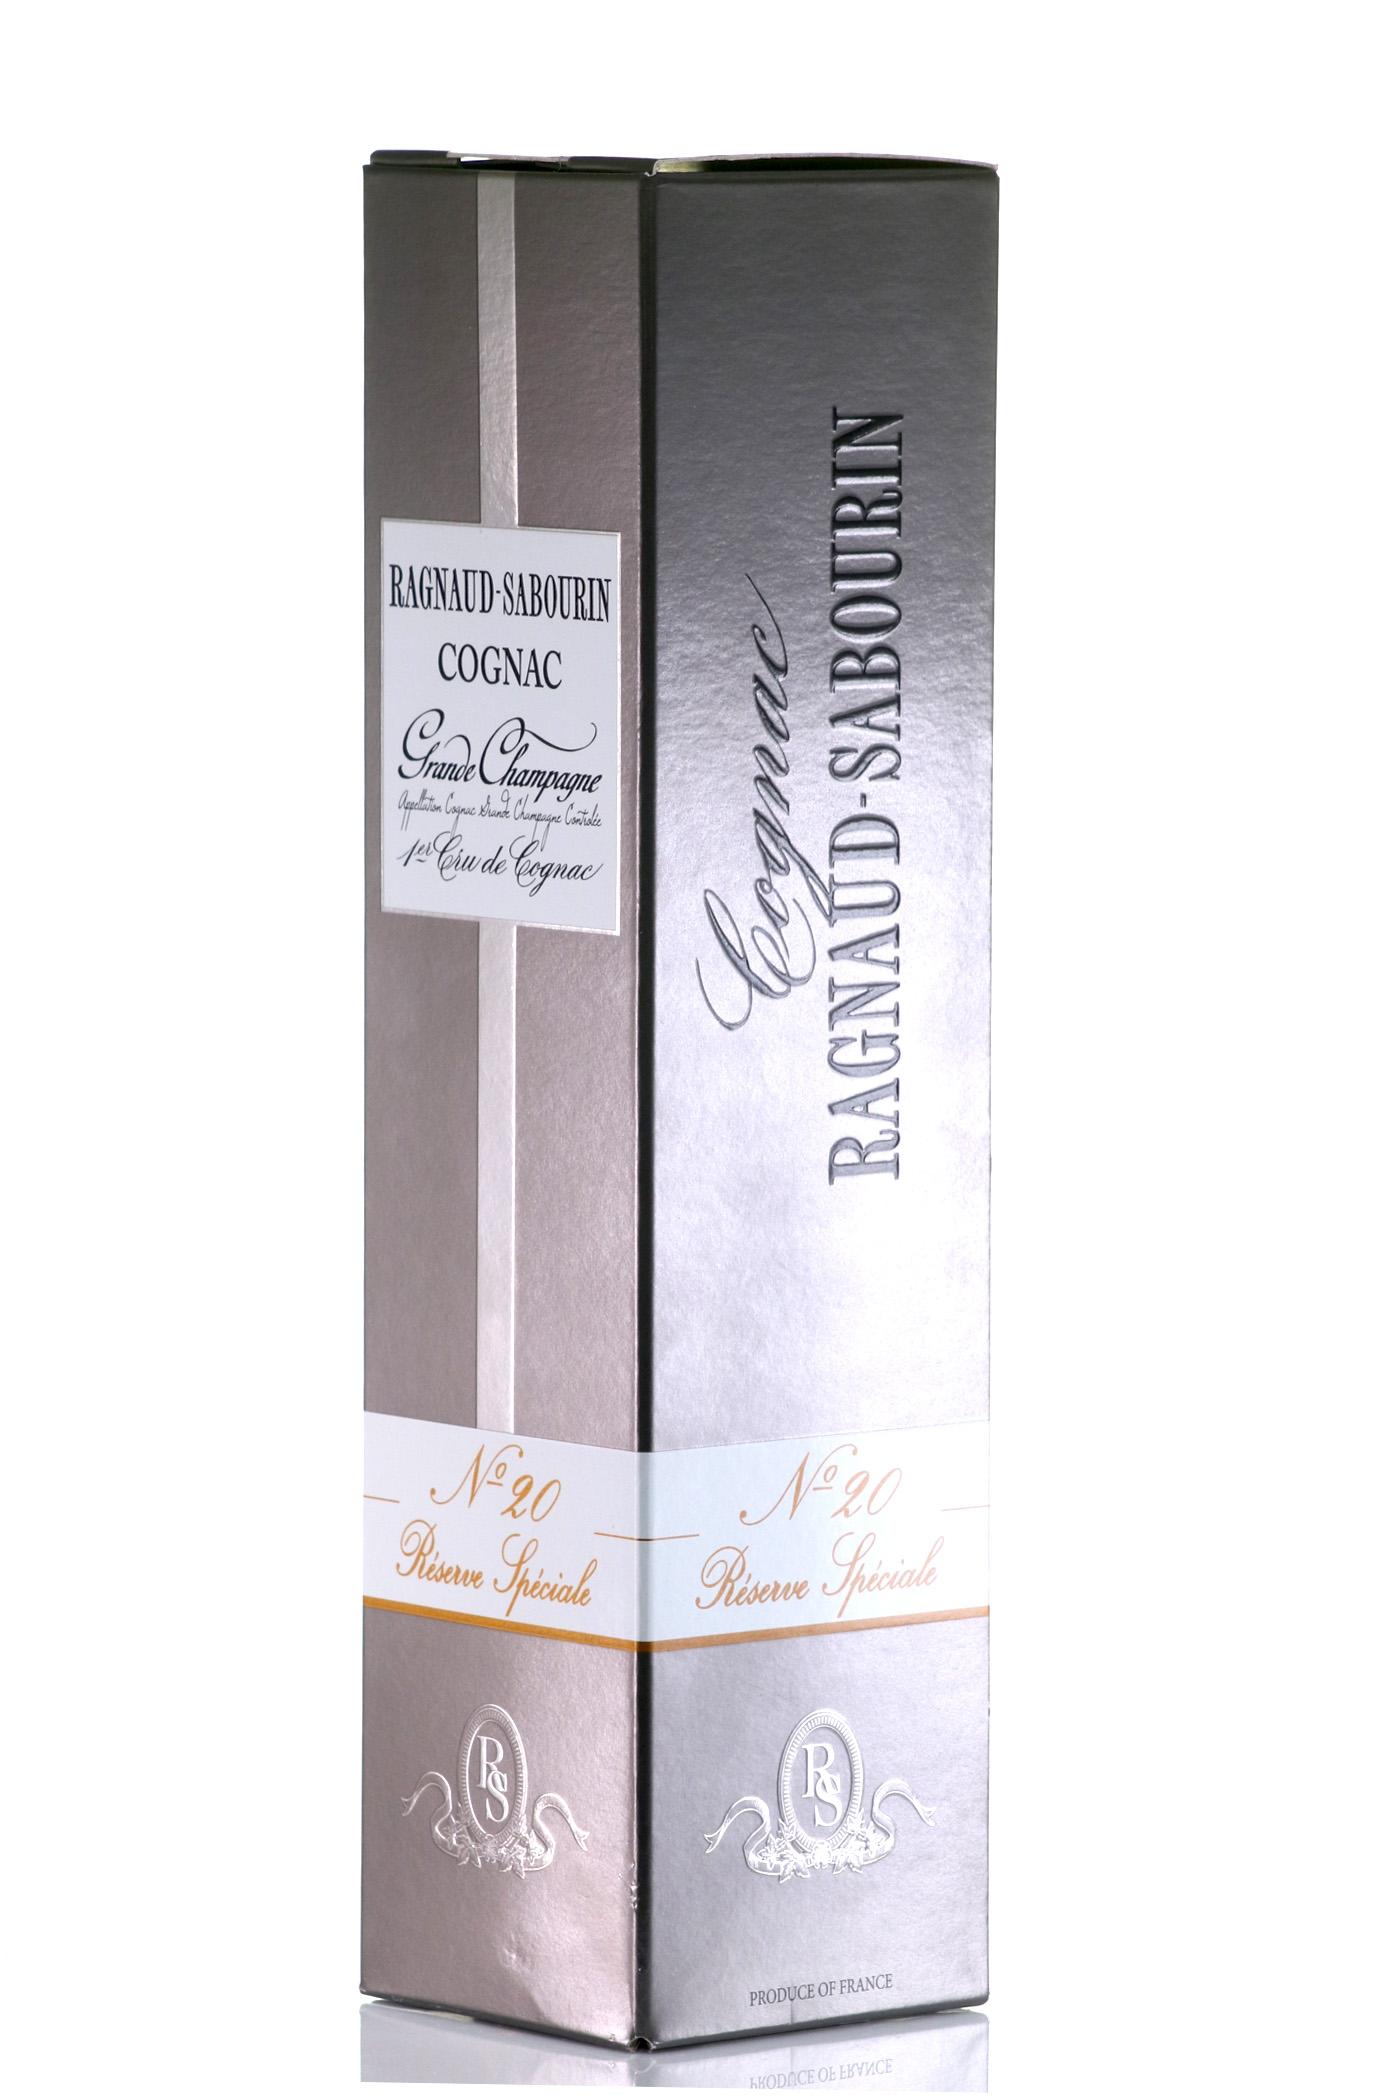 Cognac Ragnaud Sabourin Reserve Spéciale Alliance 20